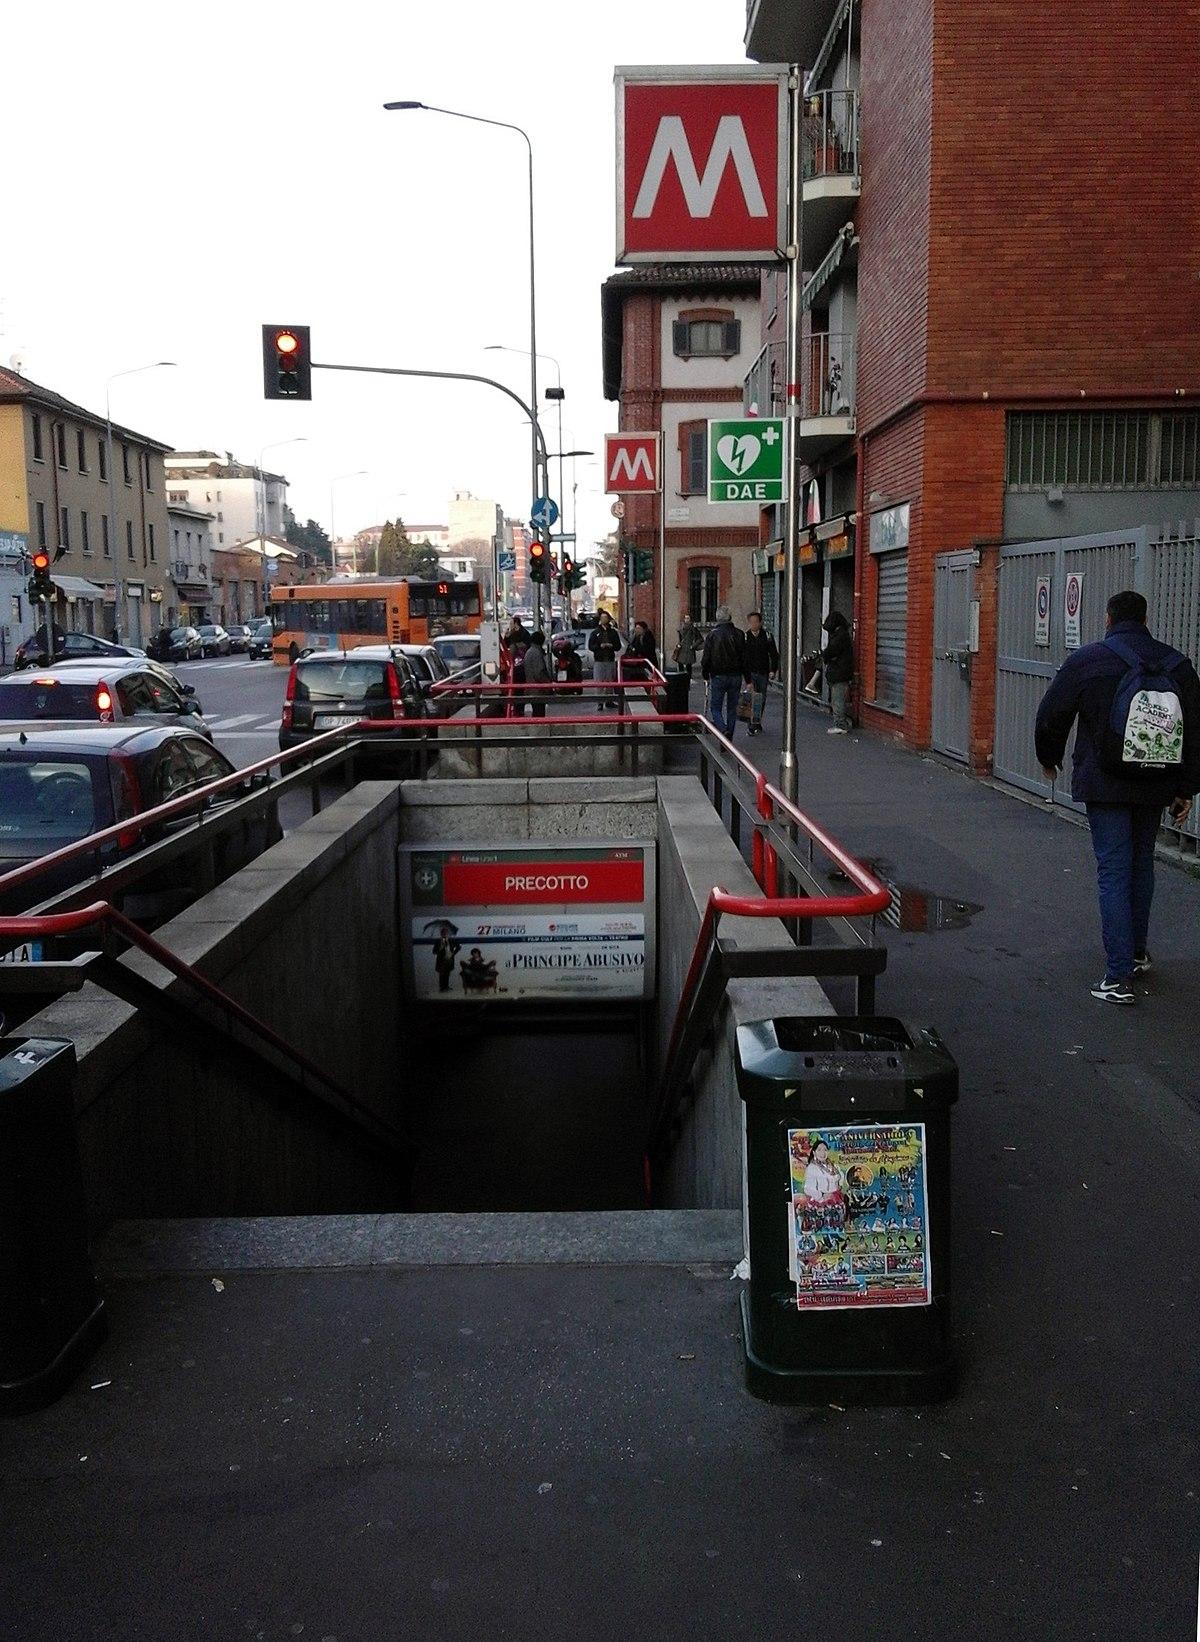 Precotto milan metro wikipedia for Www presotto it